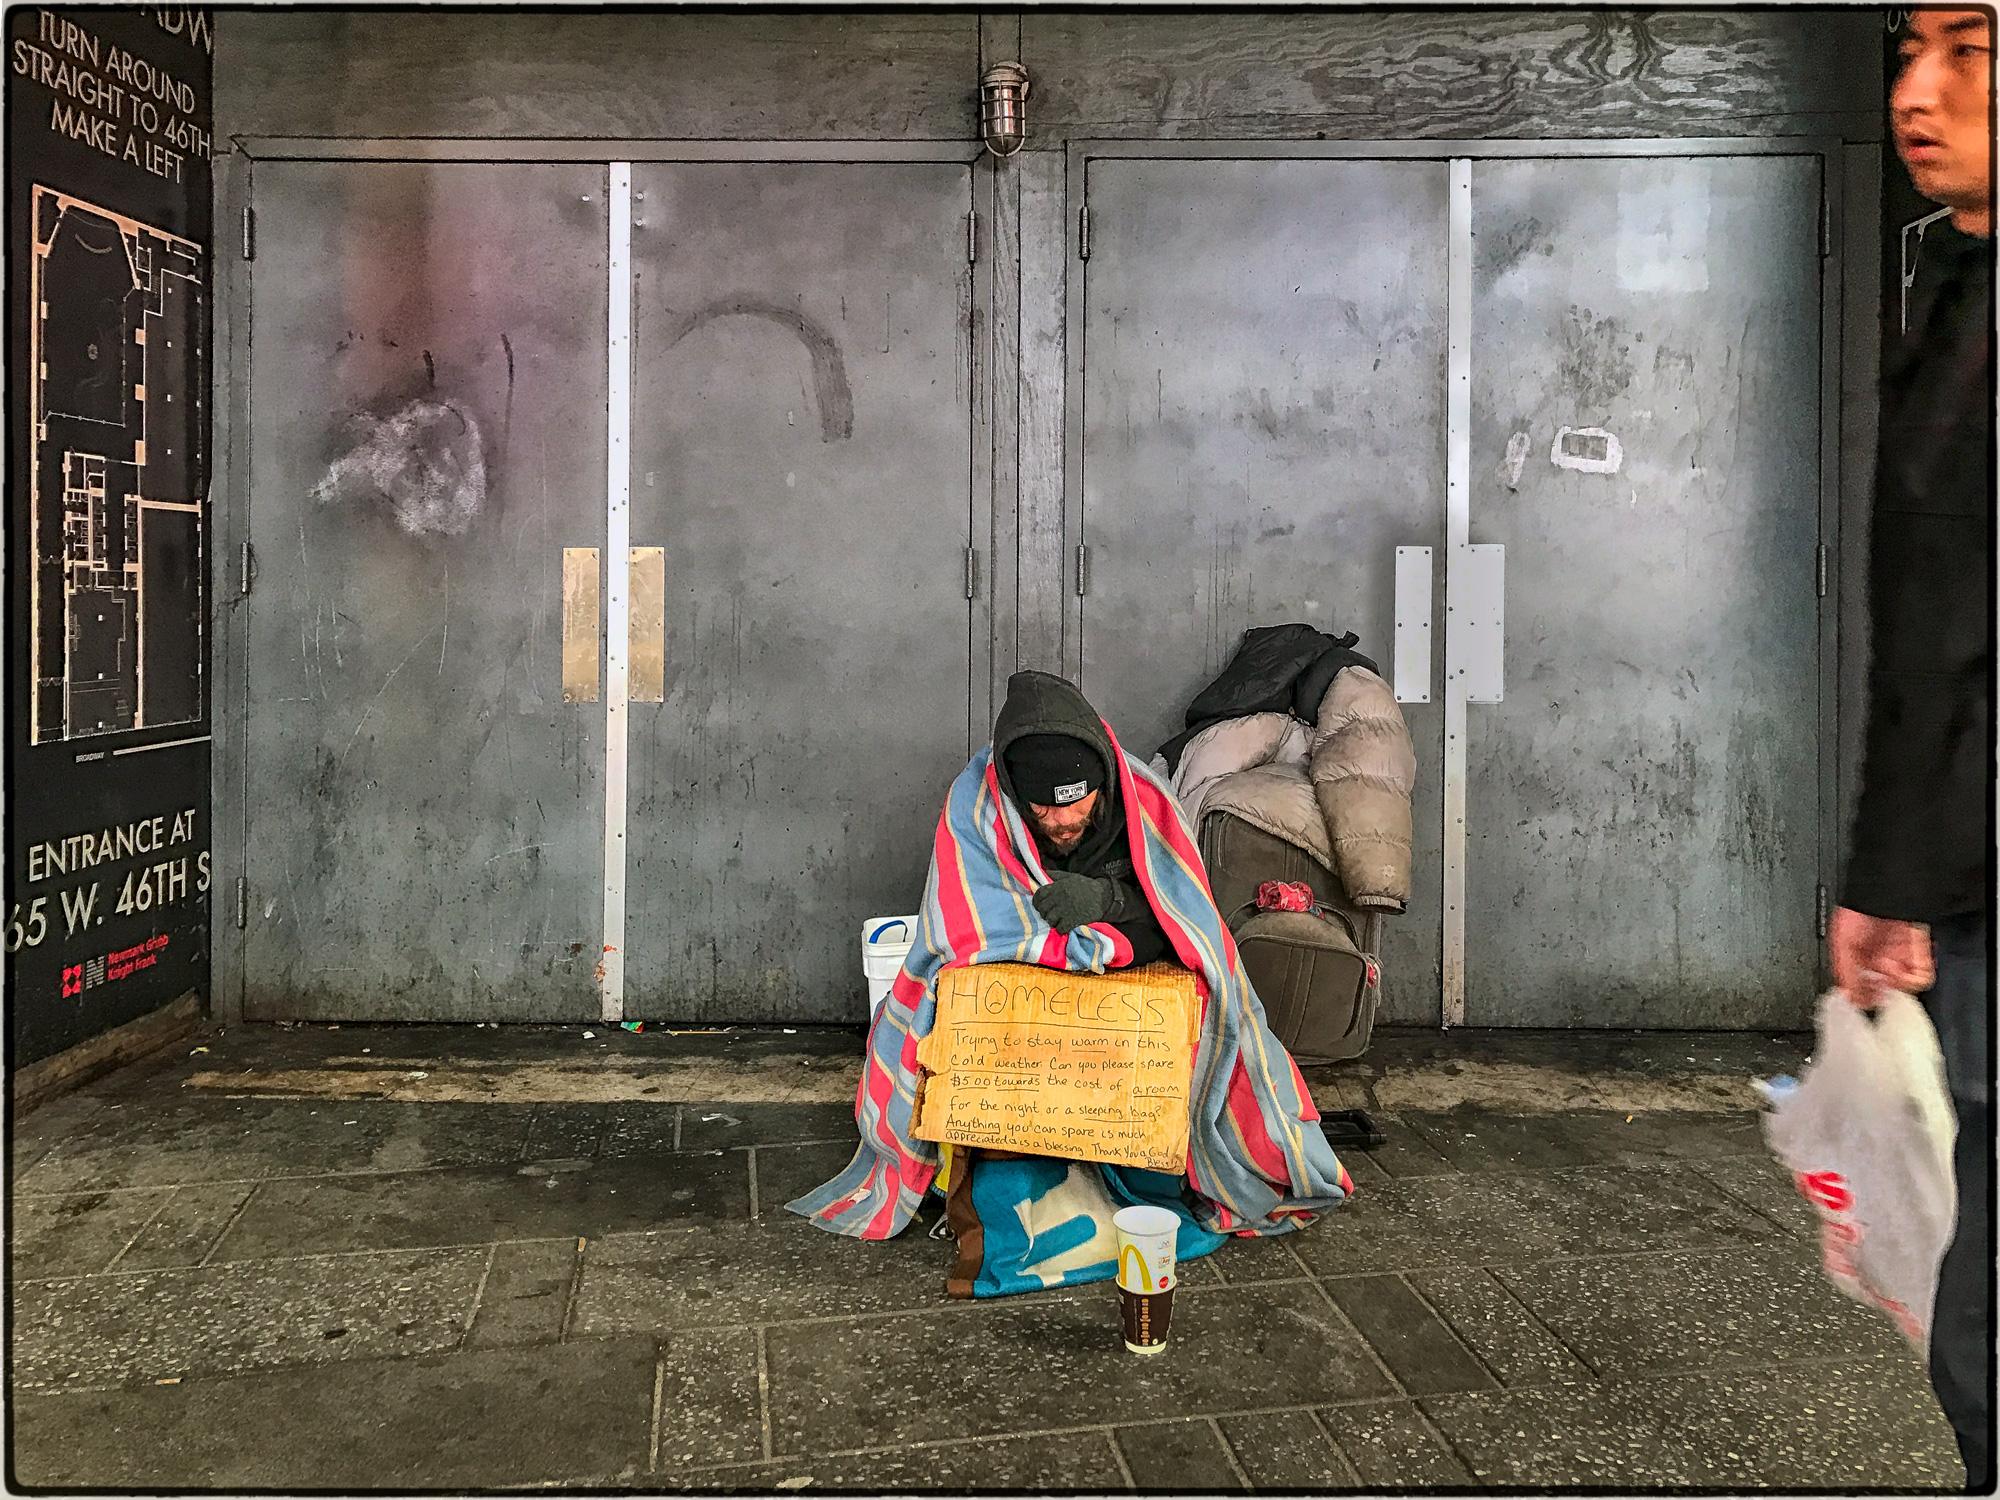 2017_03_26-Homeless_01.jpg